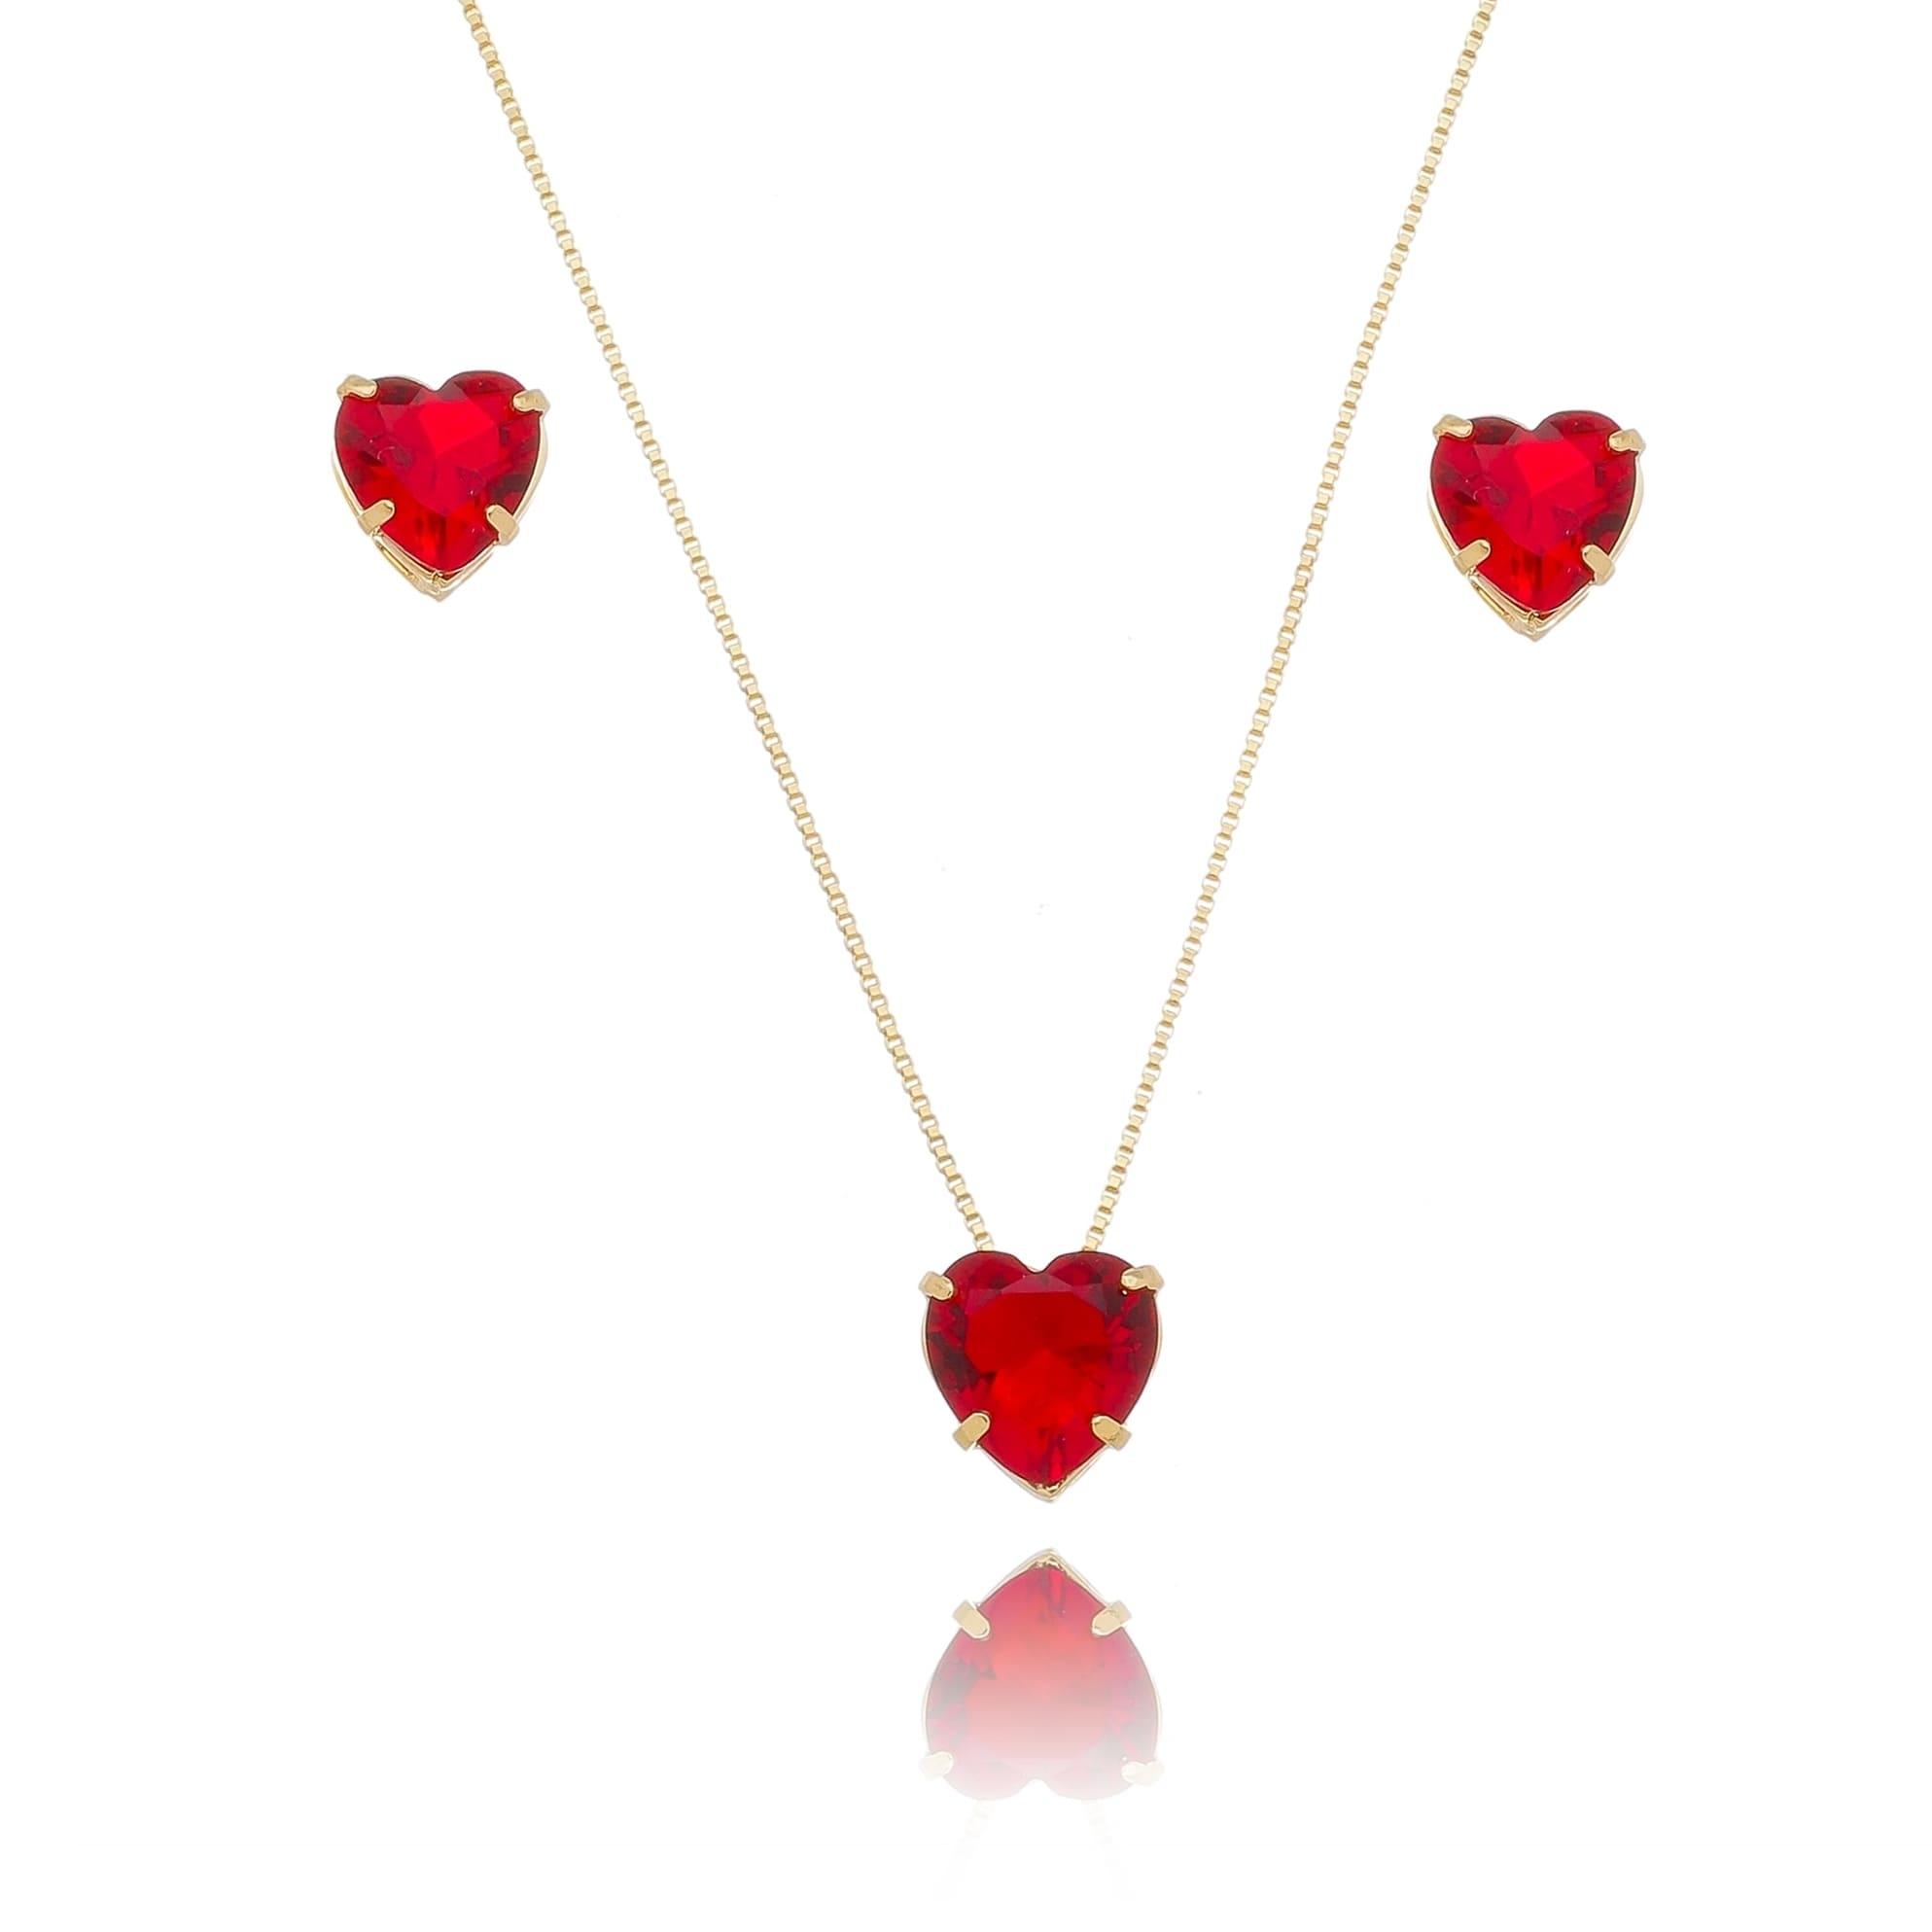 Conjunto de Colar e Brincos de Coração em Cristal Vermelho Folheado em Ouro 18k - Giro Semijoias